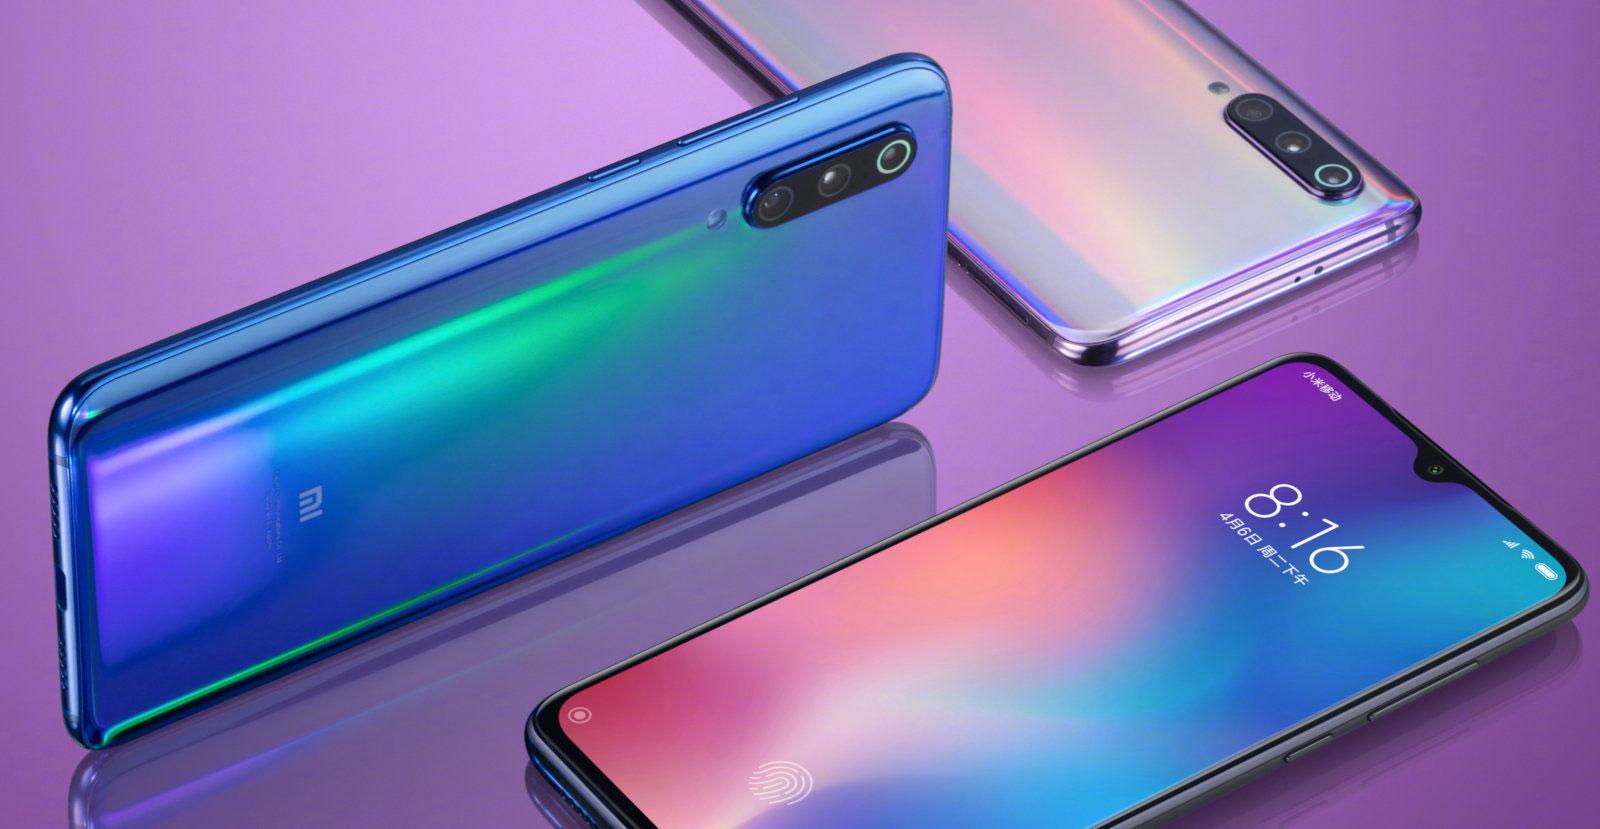 شیائومی می ۹ (Xiaomi Mi 9) با دوربین ۴۸ مگاپیکسلی و قیمت ۴۴۵ دلار رسما رونمایی شد